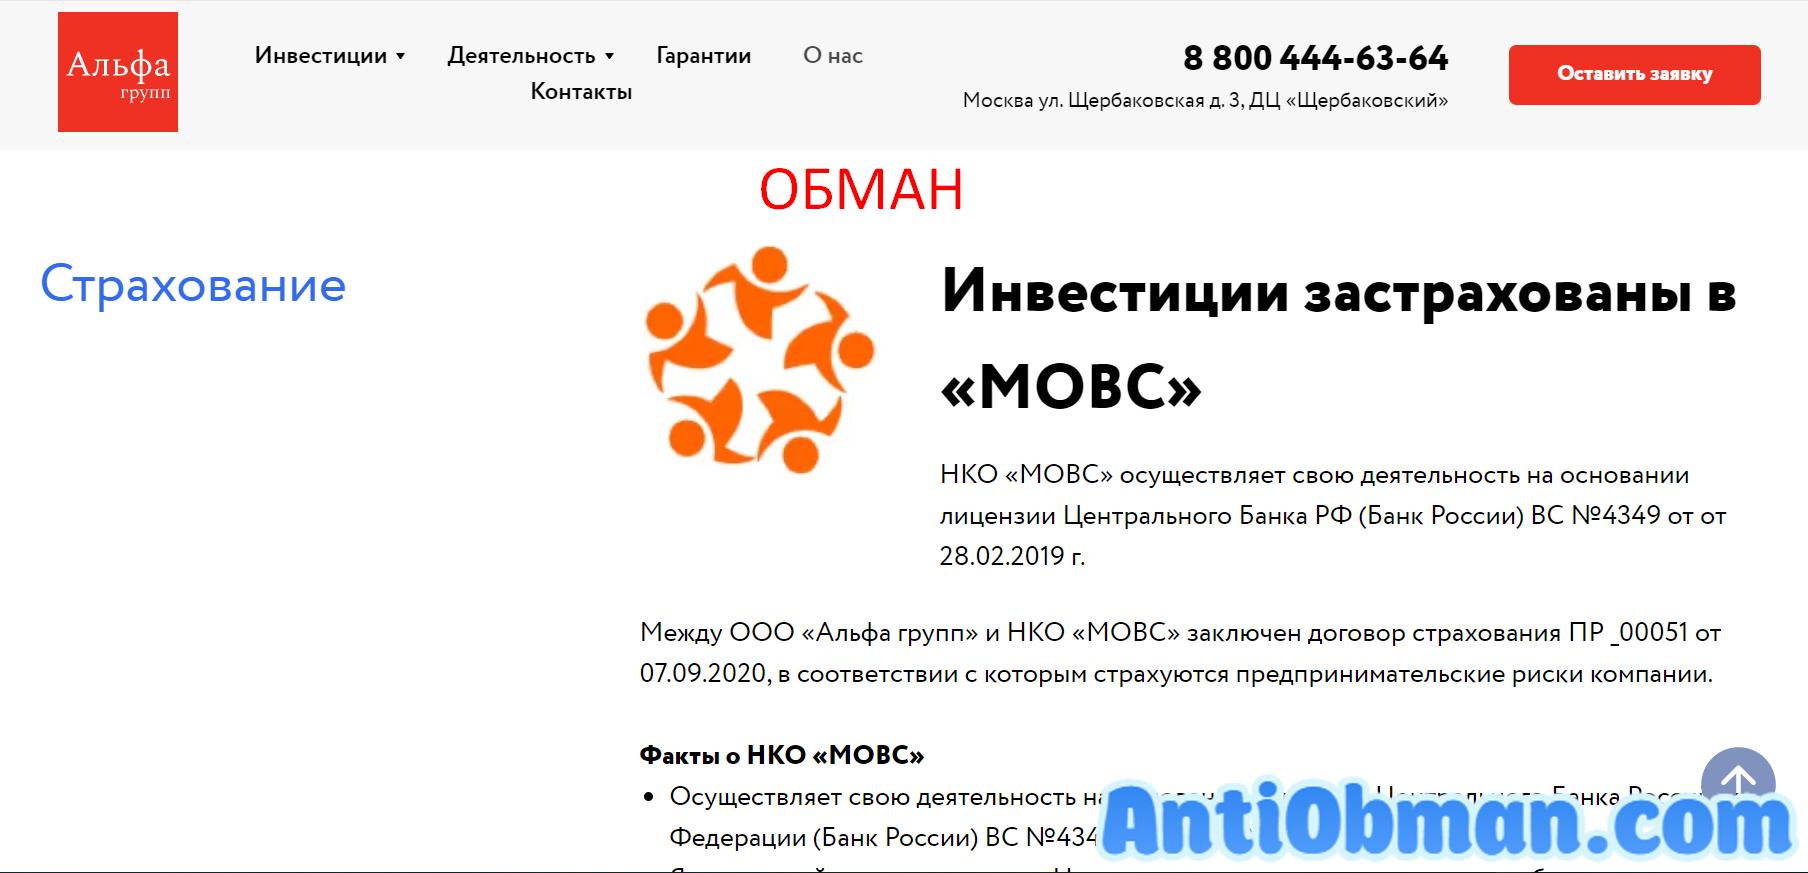 ПК Альфа Групп - отзывы и проверка кооператива